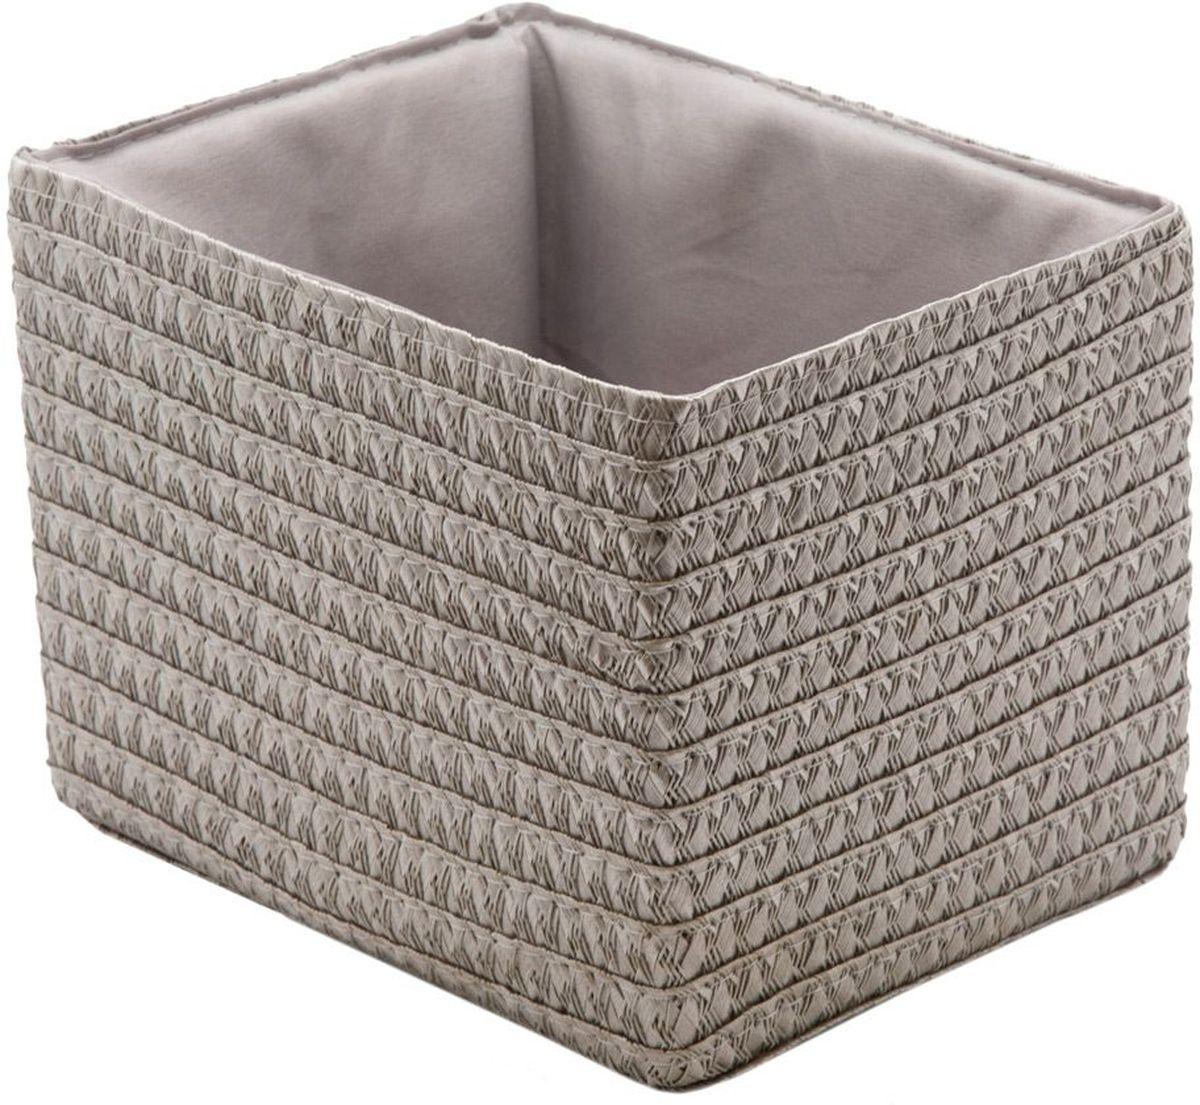 """Короб """"Handy home"""" для хранения позволяет эффективно организовать пространство в помещении. Изделие предназначено для хранения одежды, книг, игрушек и прочих вещей. Конструкция короба складная, поэтому в сложенном виде предмет занимает минимум места."""